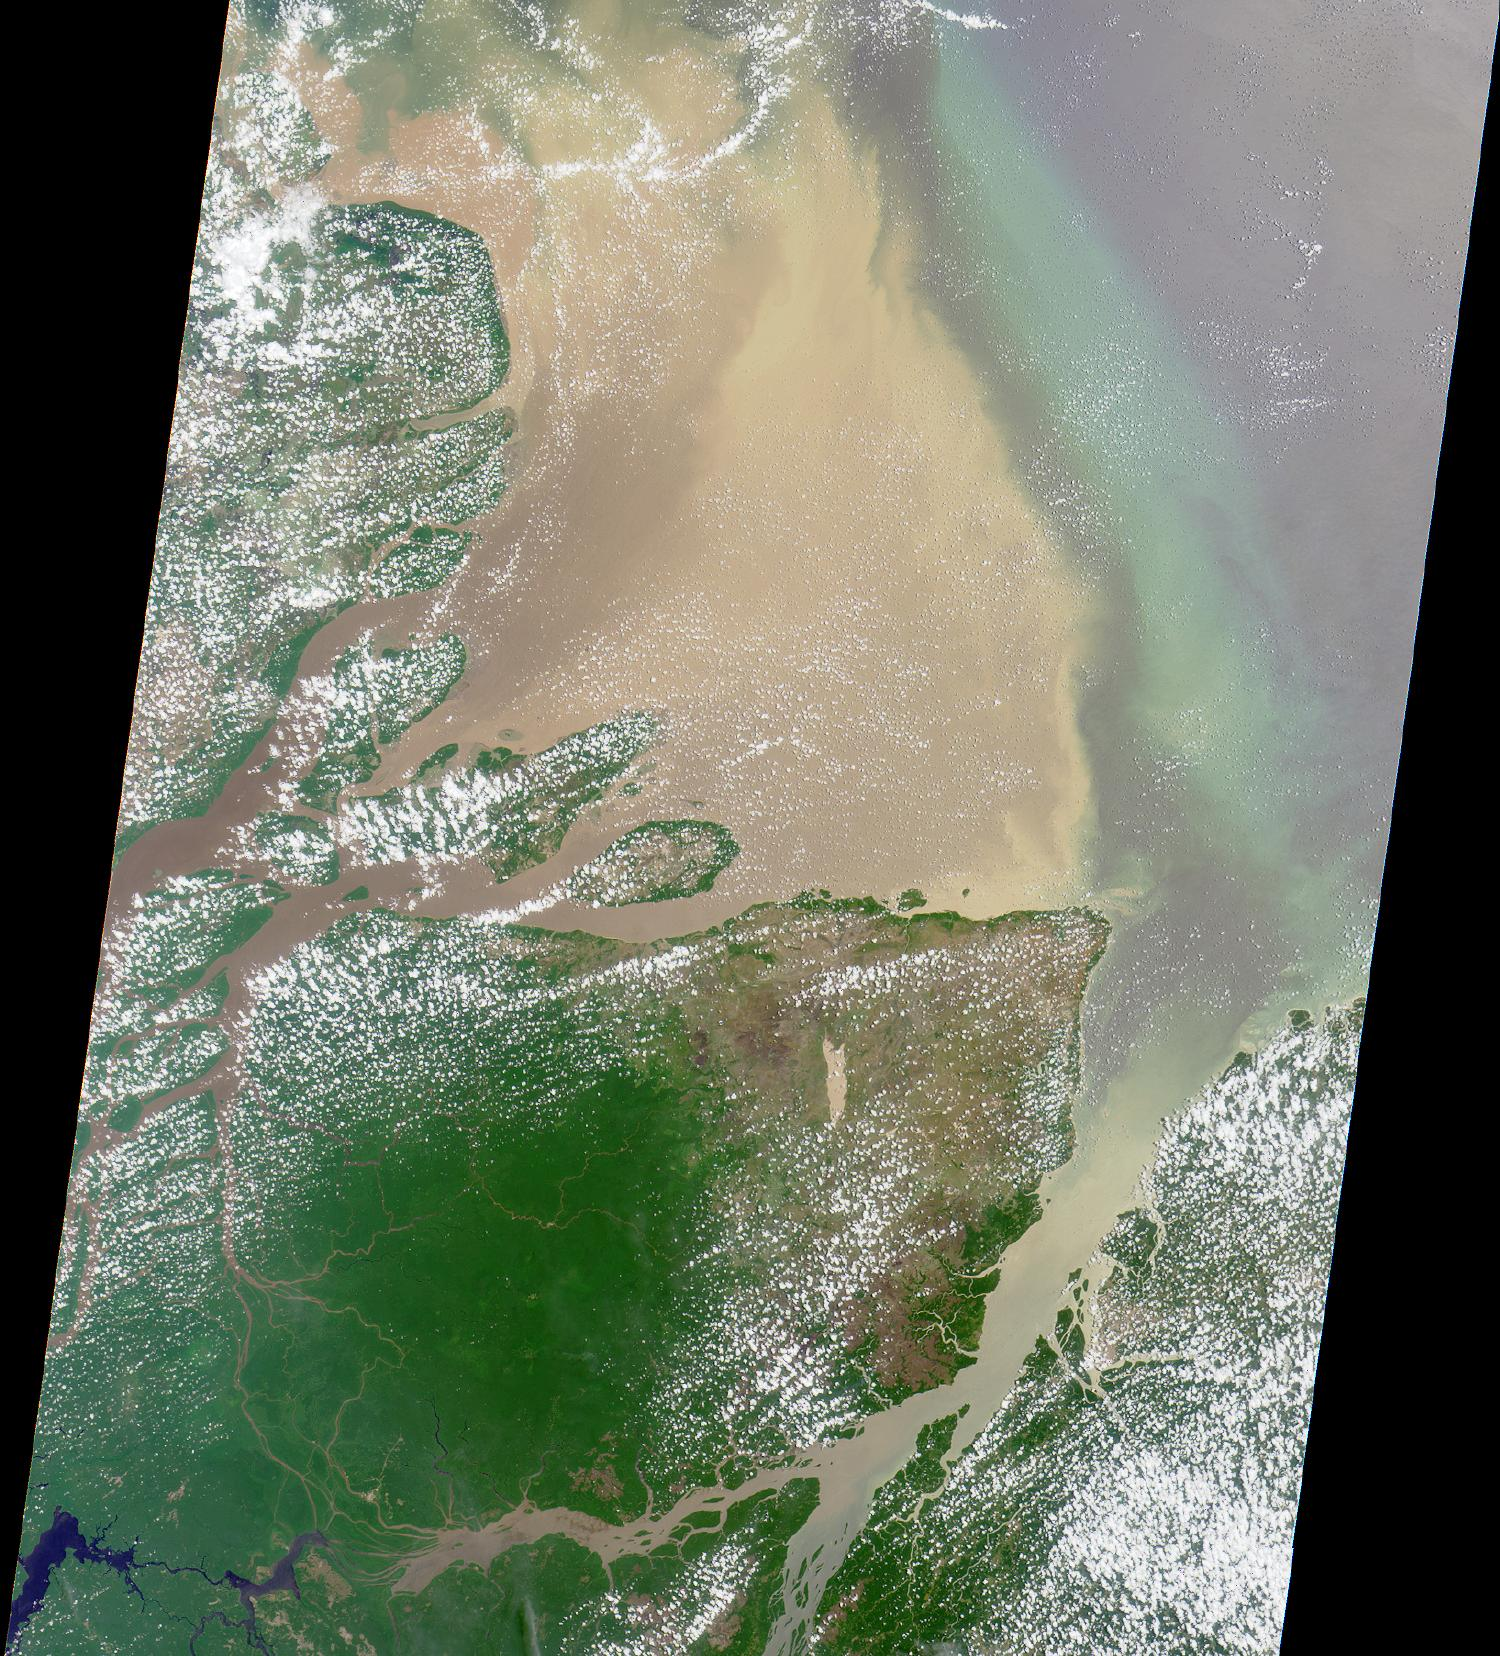 Imagen, Foto Satelite del Delta del Rio Amazonas, Brasil, Brasil